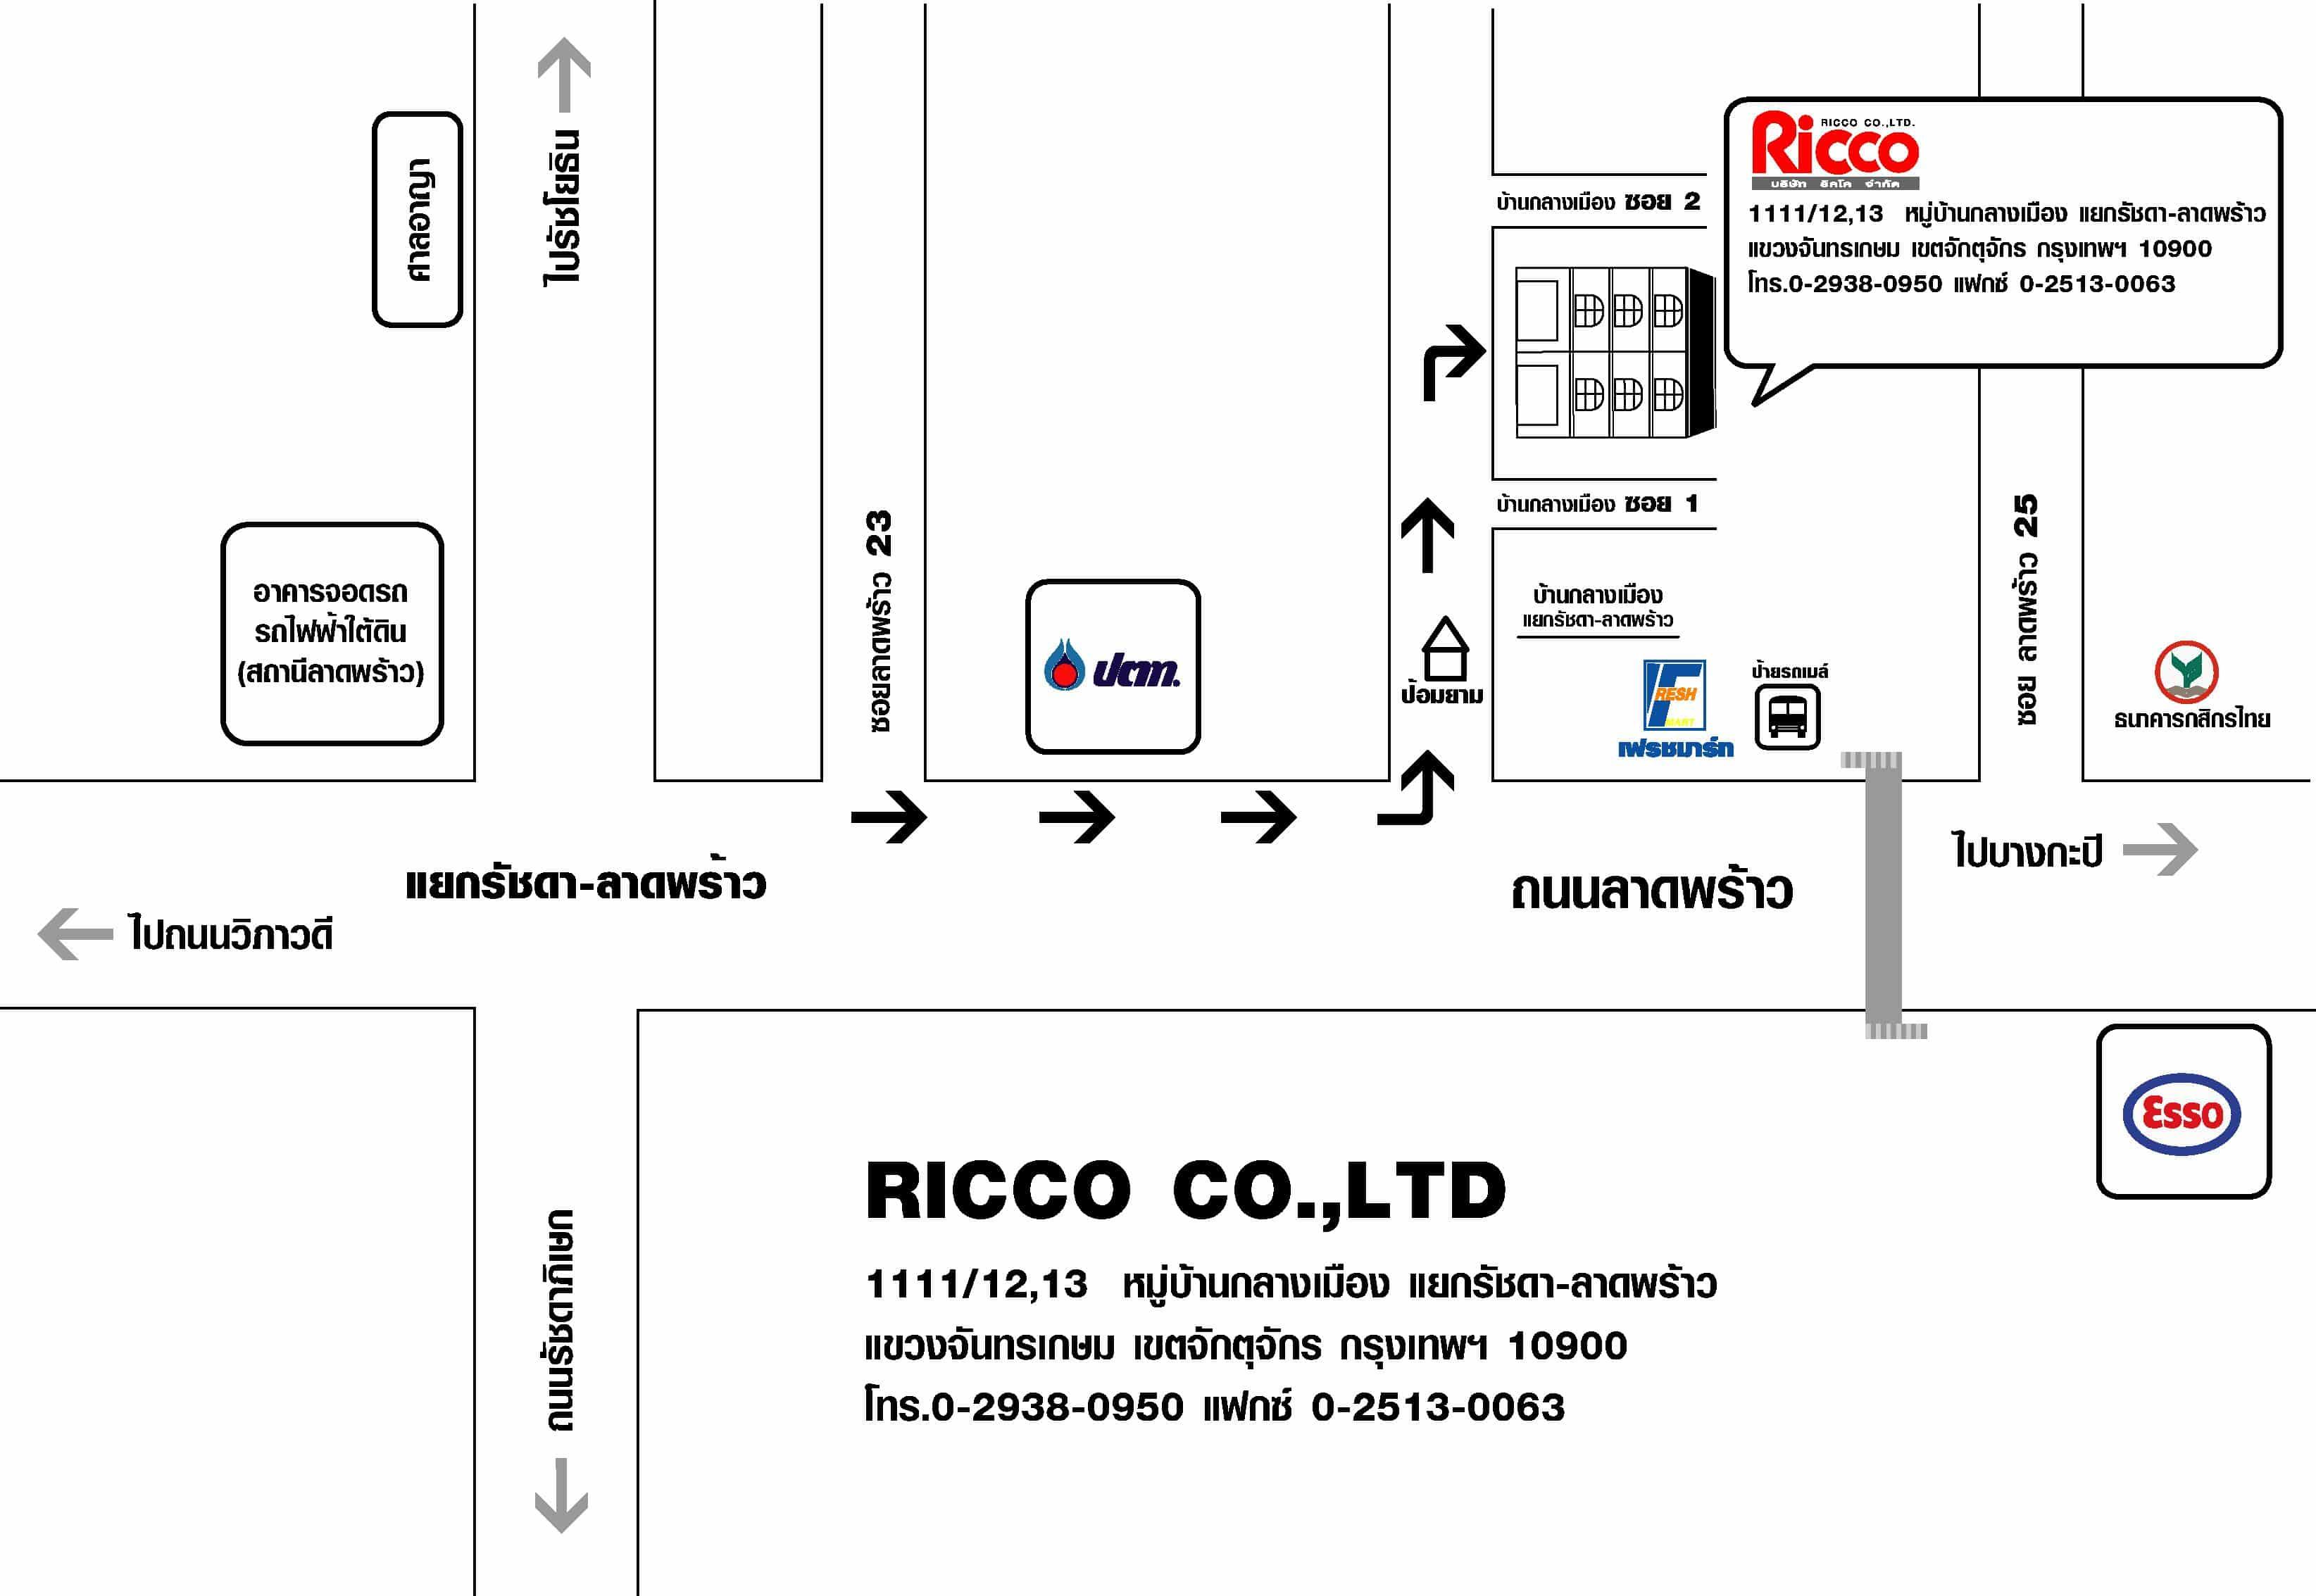 Map RICCO1 - ริคโค รับออกแบบและผลิตสื่อสิ่งพิมพ์ด้วยเทคโนโลยีที่ทันสมัยด้วยประสบการณ์กว่า 19 ปี